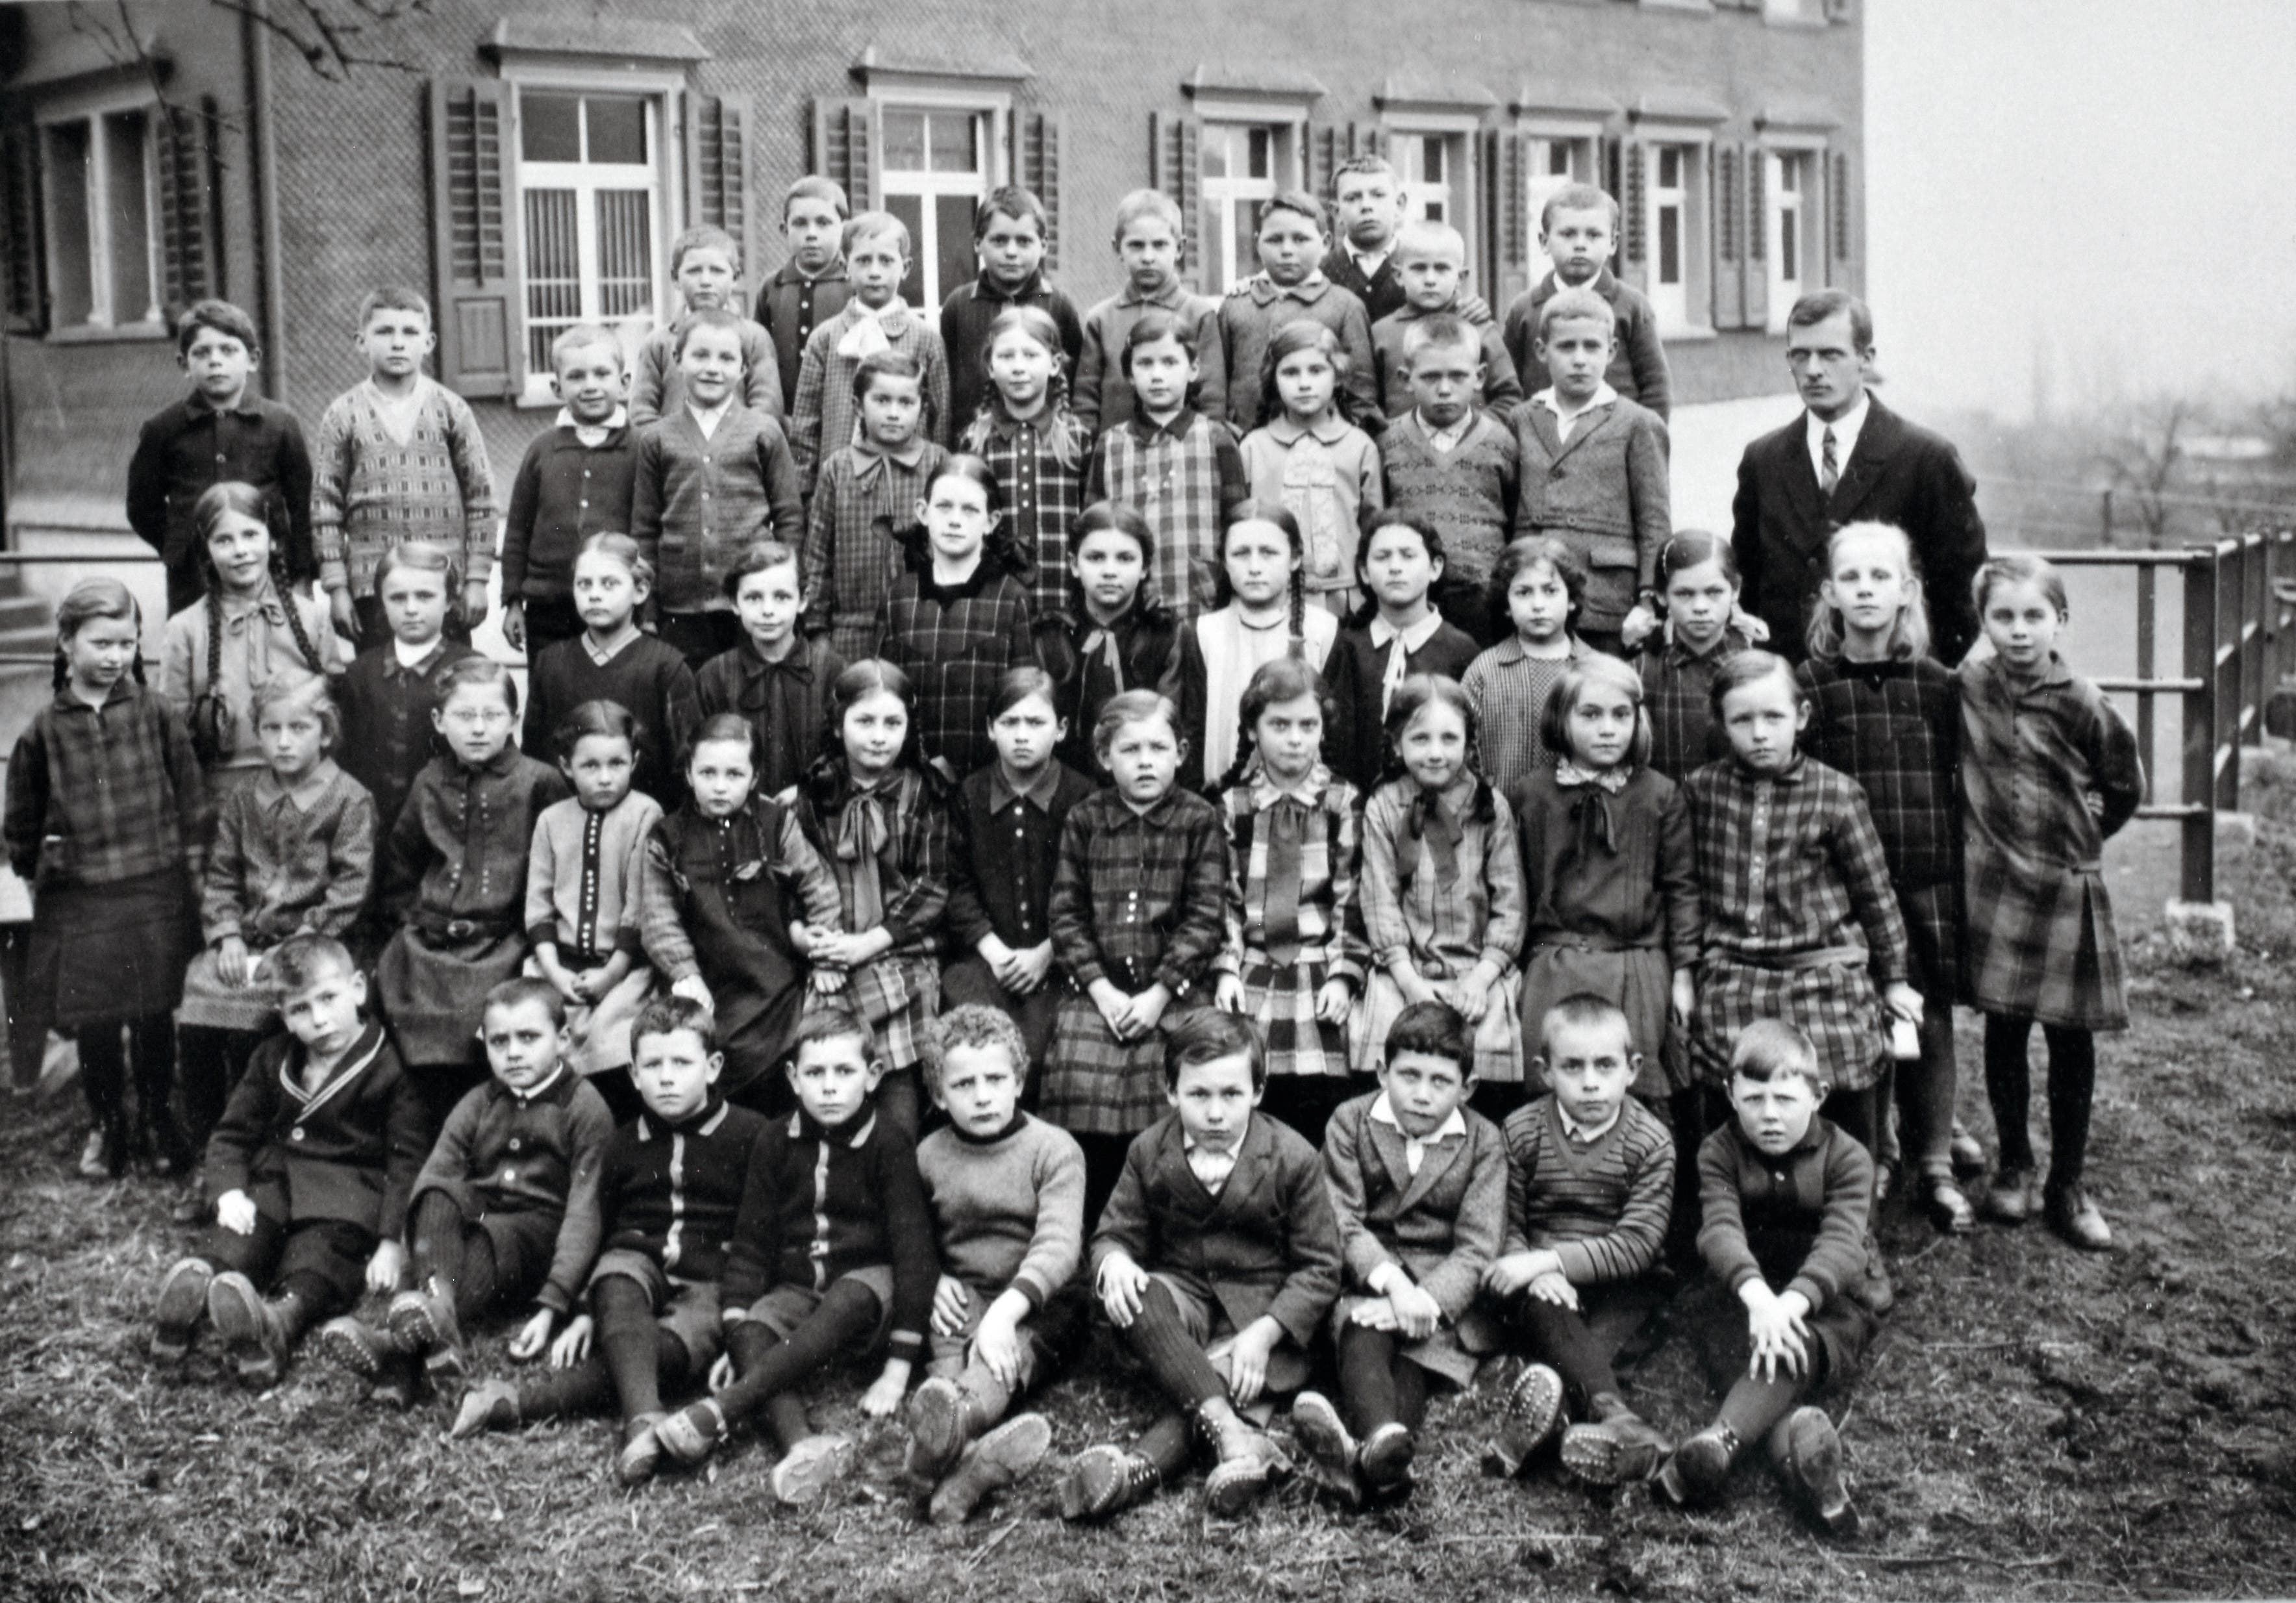 Lehrer Johann Lutziger (rechts) mit seiner Schulklasse um das Jahr 1930 vor dem Studner Schulhaus. Fliessend Wasser, Strom oder eine Turnhalle gab es damals noch nicht. Die Haltung ist nicht mehr so steif, gelächelt haben dennoch nur wenige. Karierte Kleidung scheint in Mode gekommen zu sein.